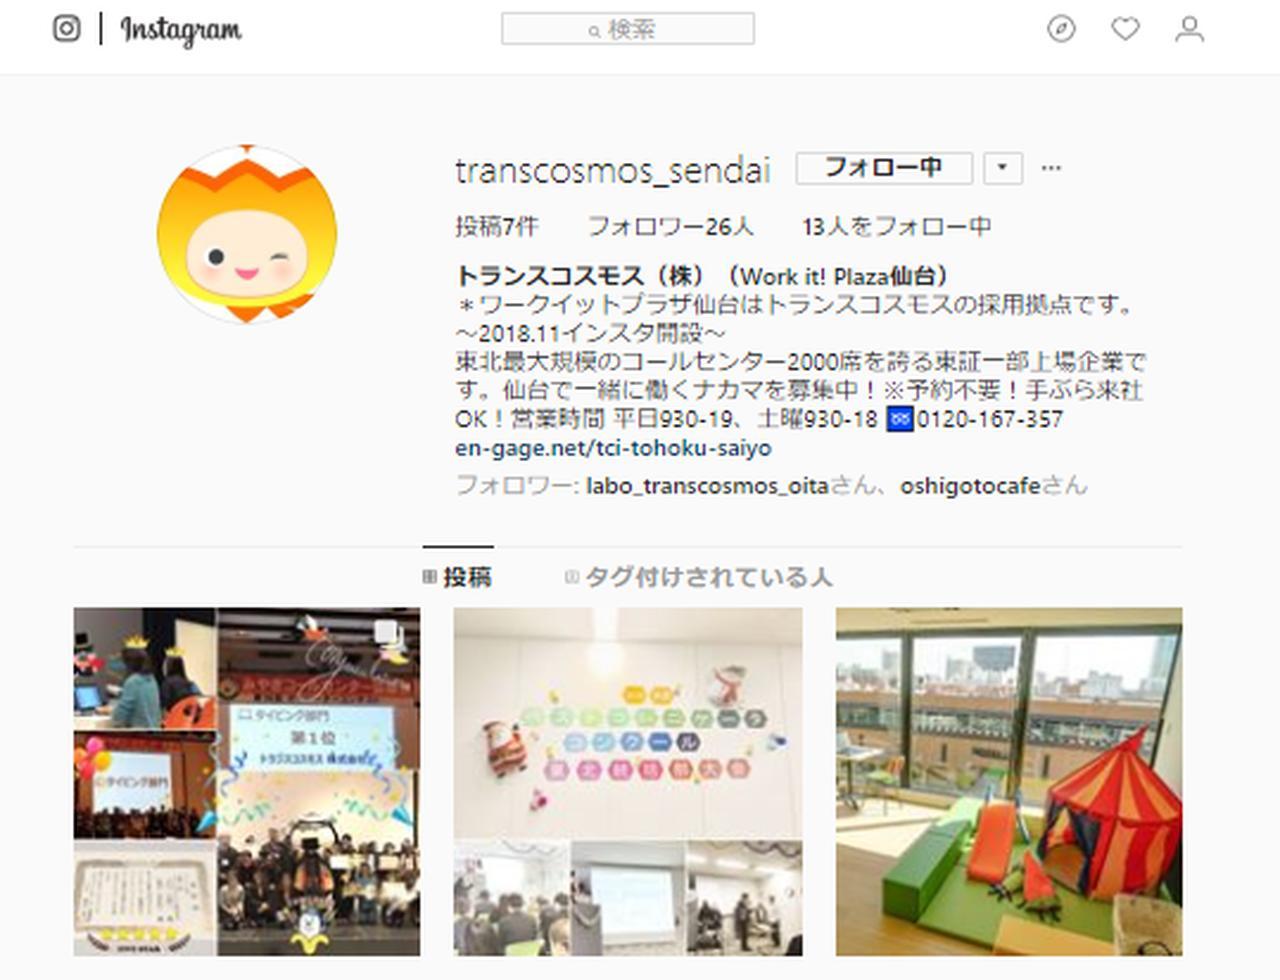 画像: https://www.instagram.com/transcosmos_sendai/